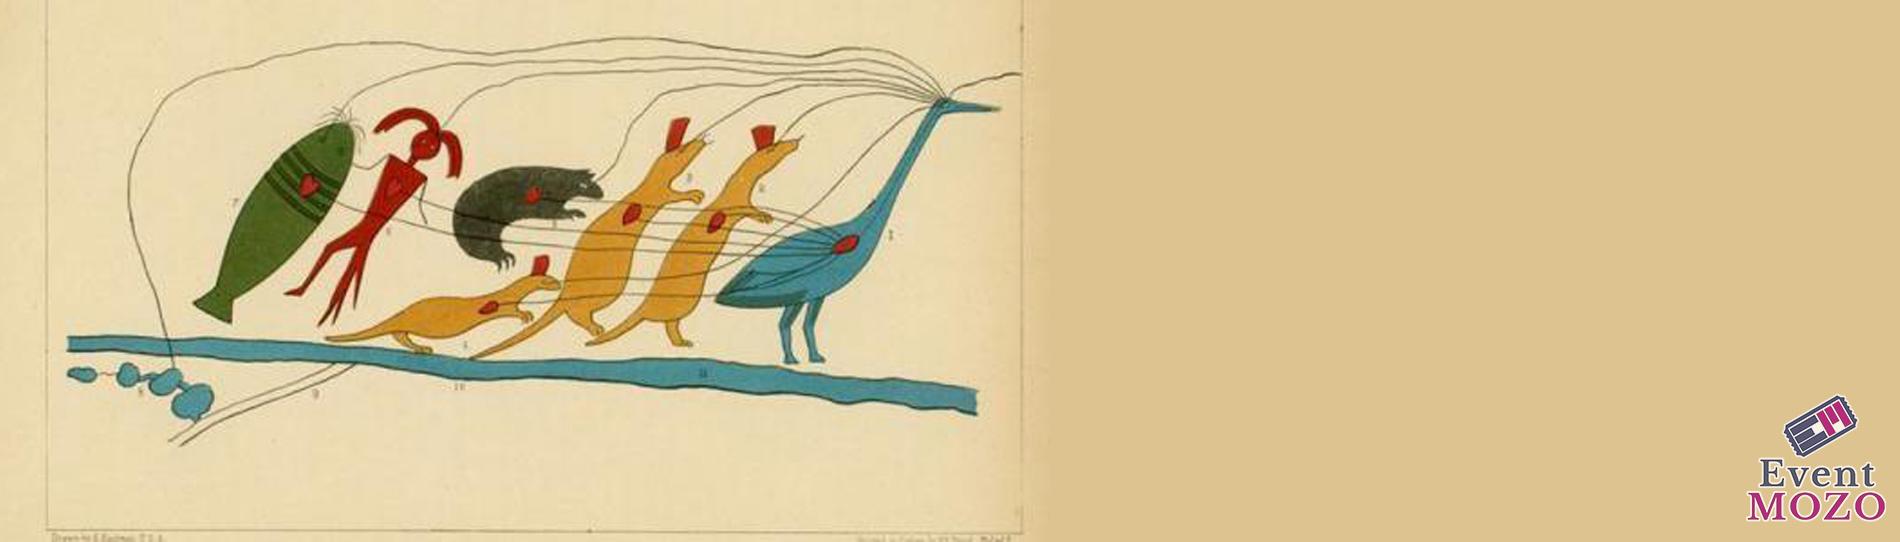 EventMozo 24th Annual Stabilizing Indigenous Languages Symposium